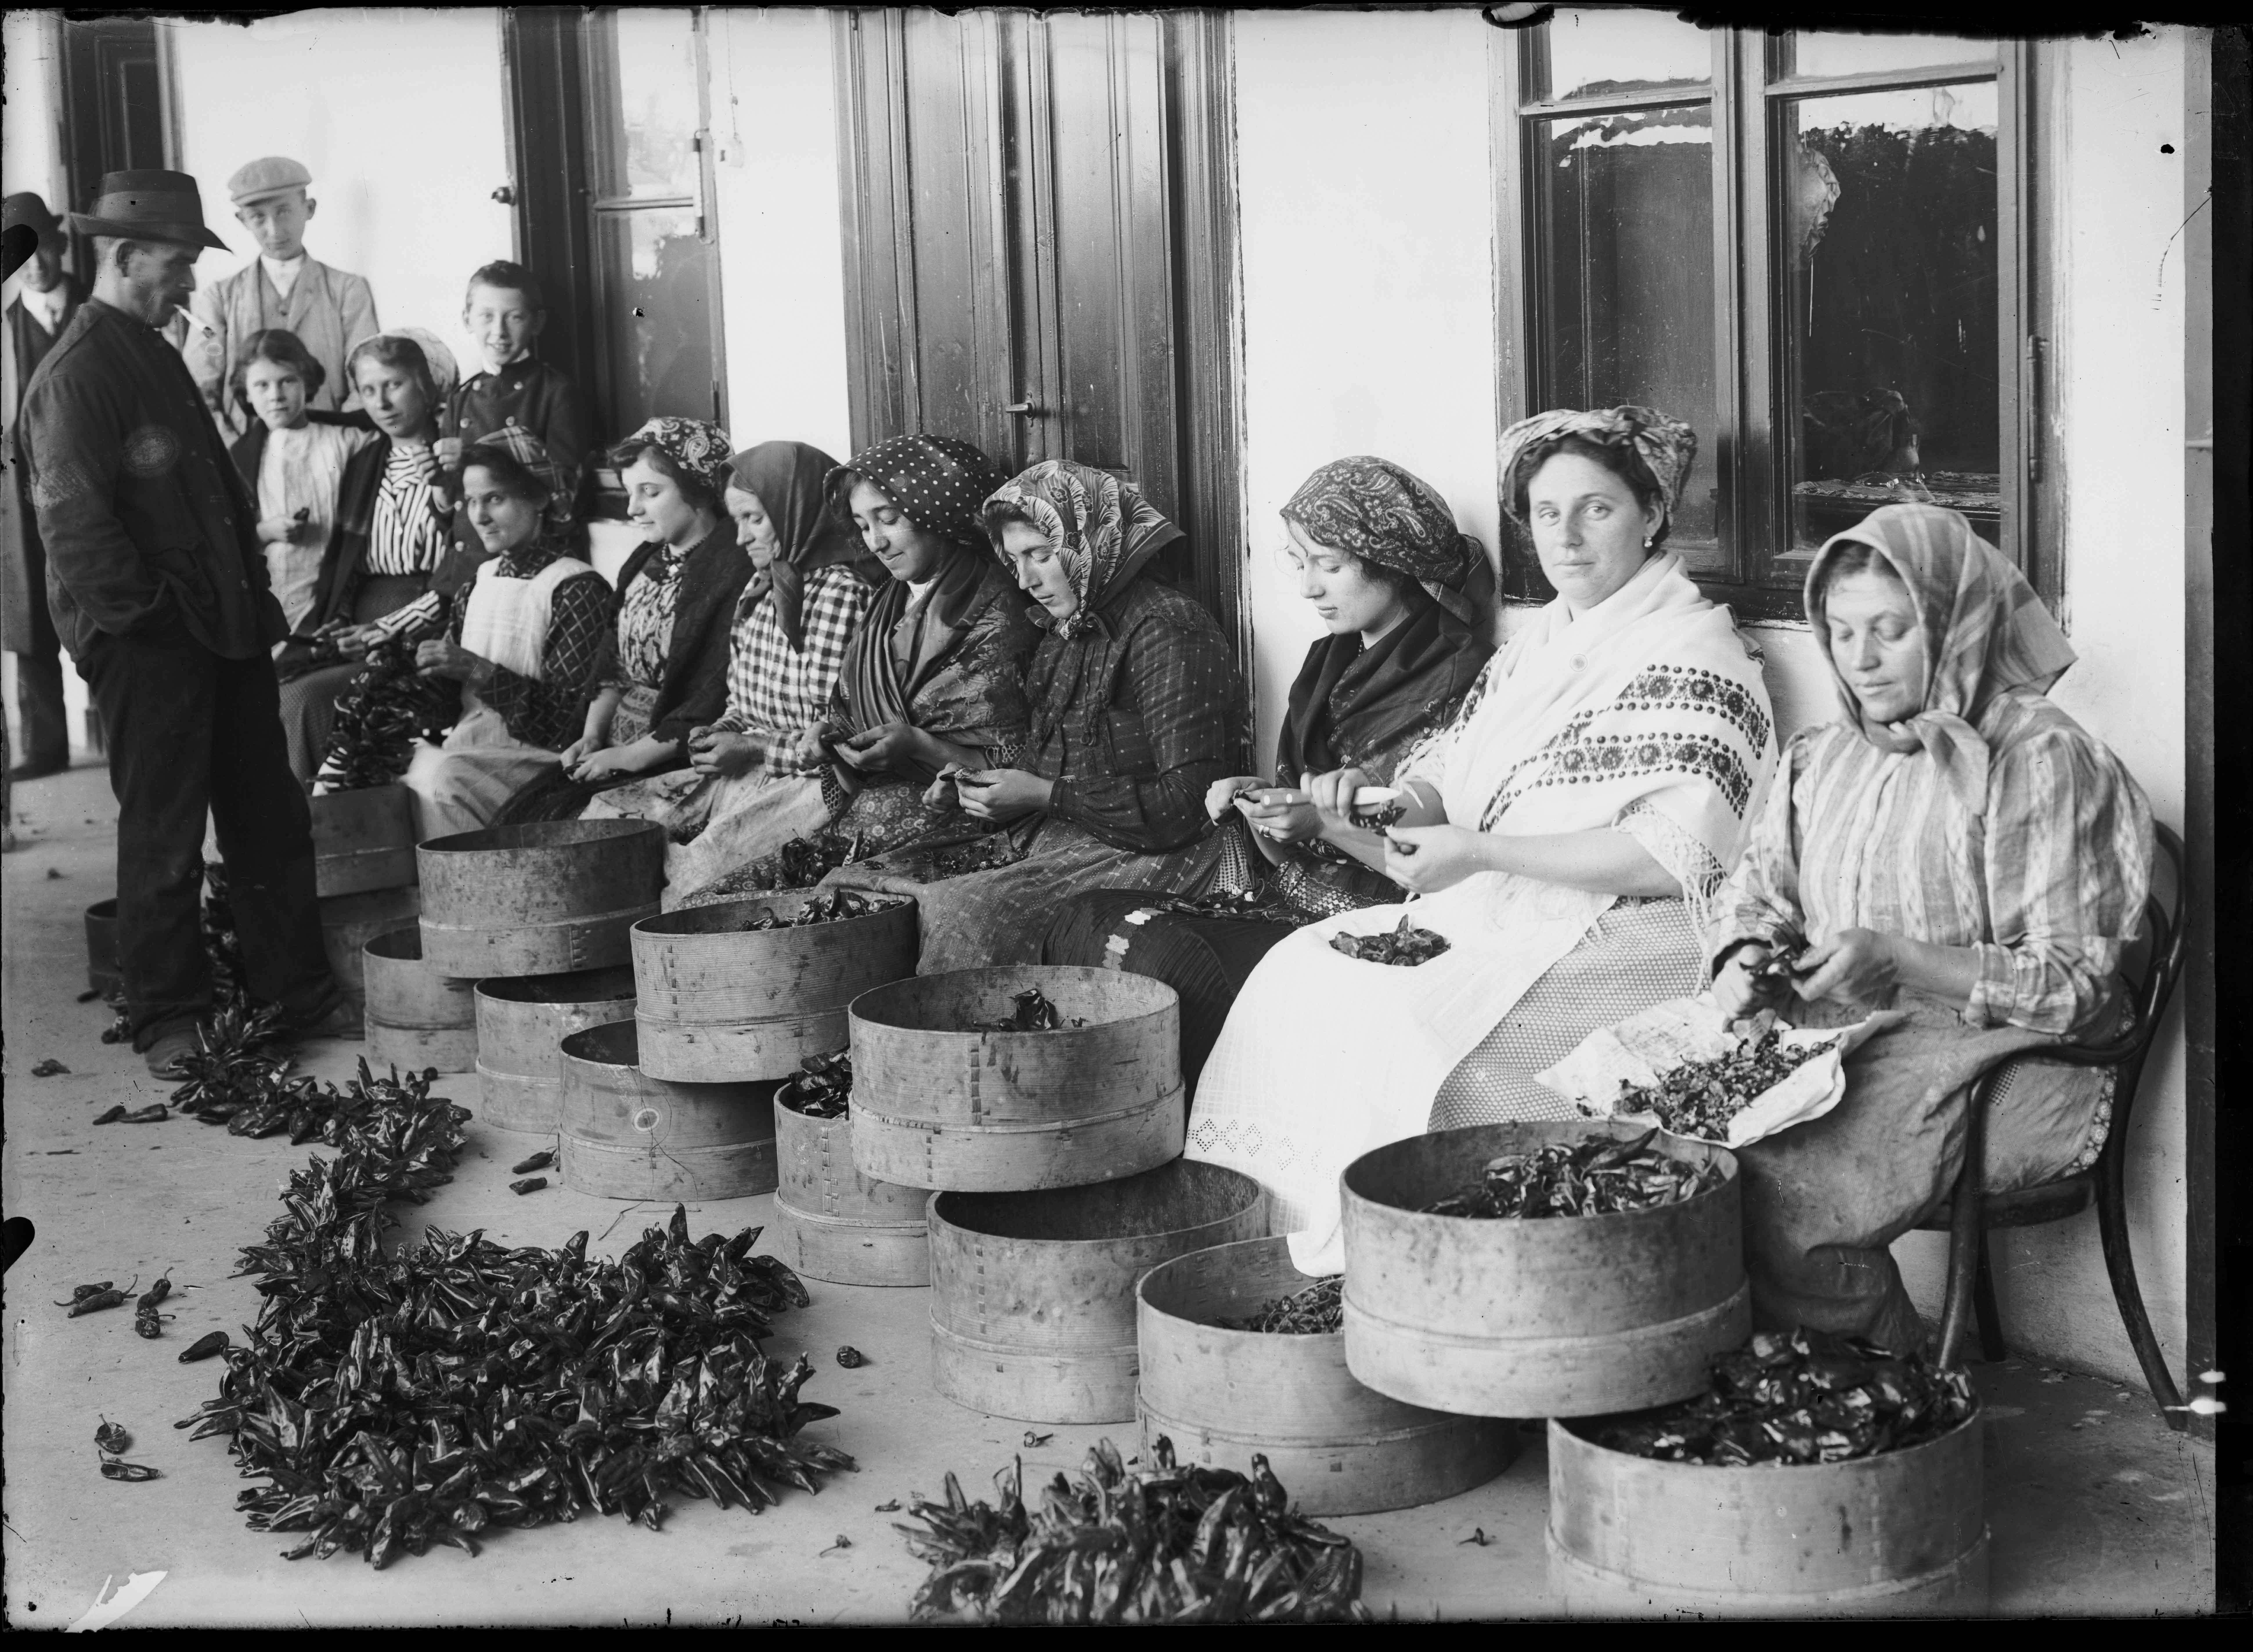 Fotó: Plohn József: Fűszerpaprikát fűző asszonyok © Tornyai János Múzeum gyűjteménye, Hódmezővásárhely